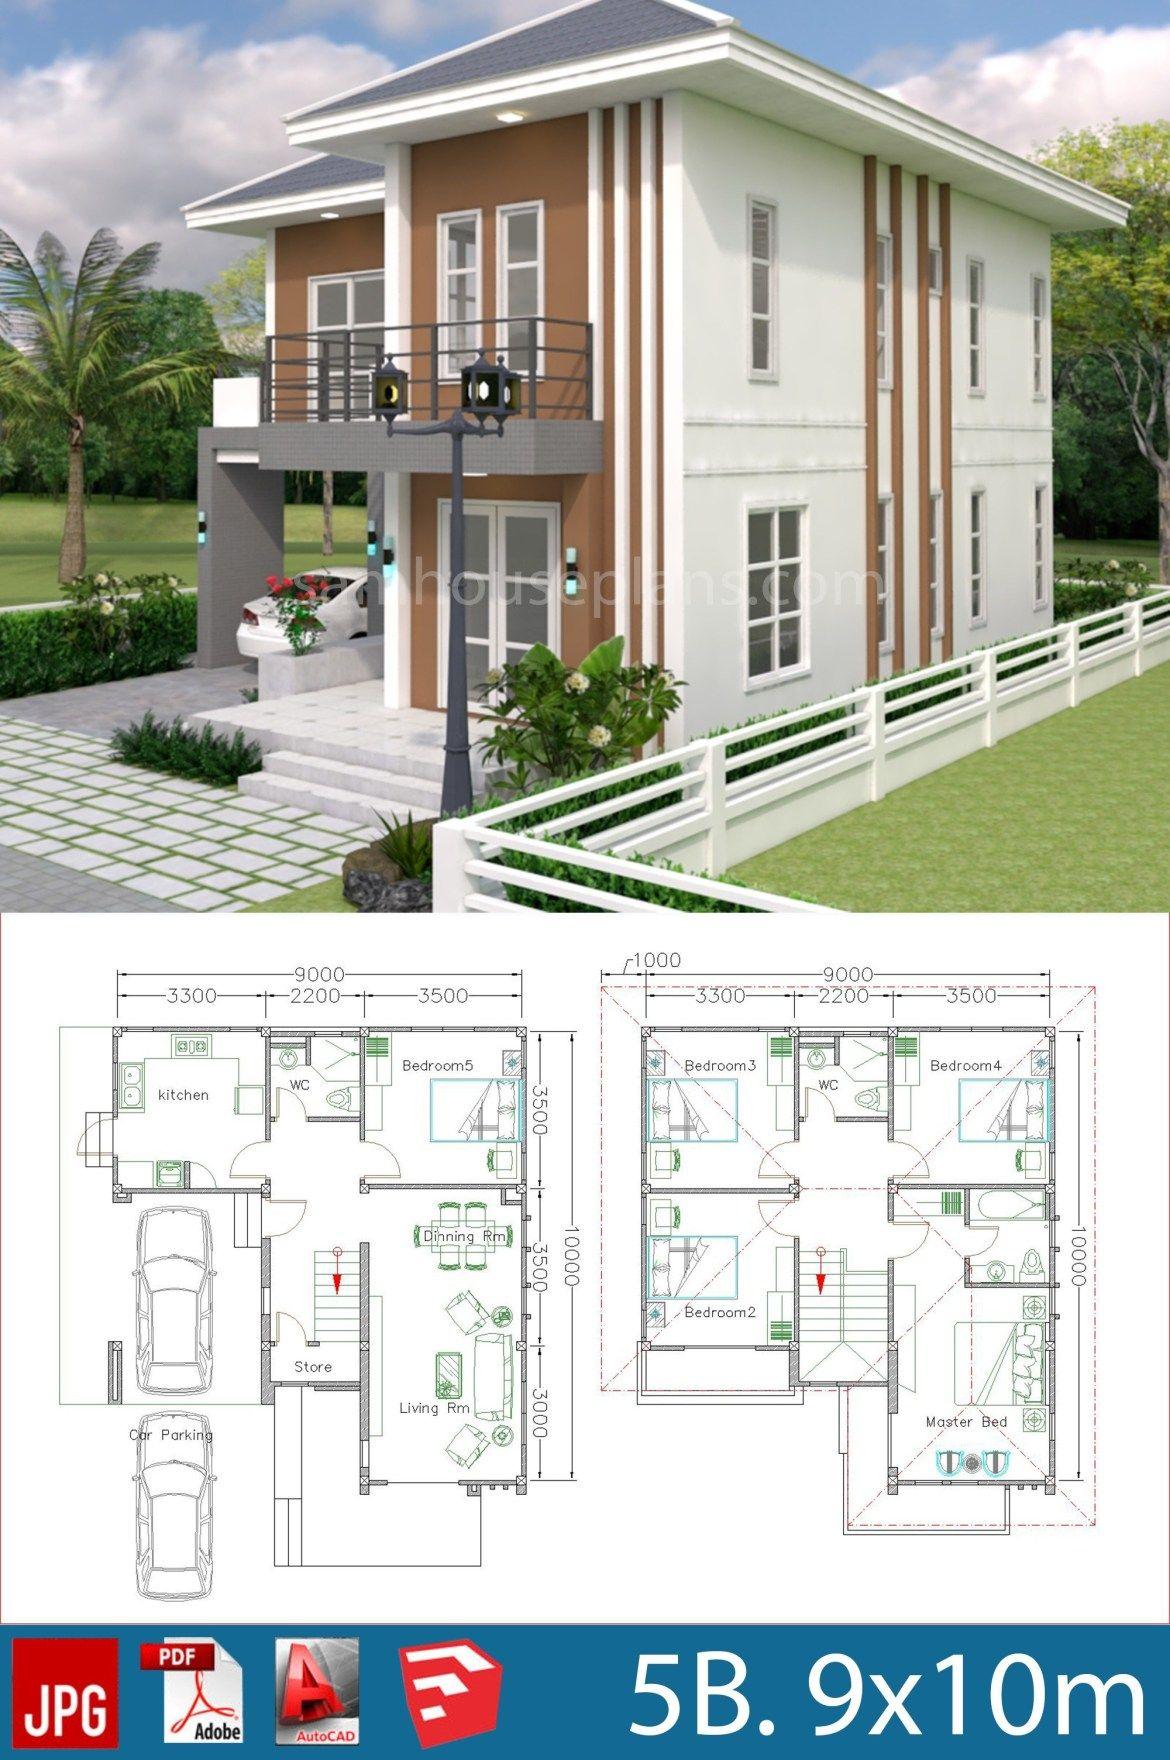 House Plans Design 9x10m With 5 Bedrooms Samphoas Plansearch Building Design Plan House Plans Home Design Plans